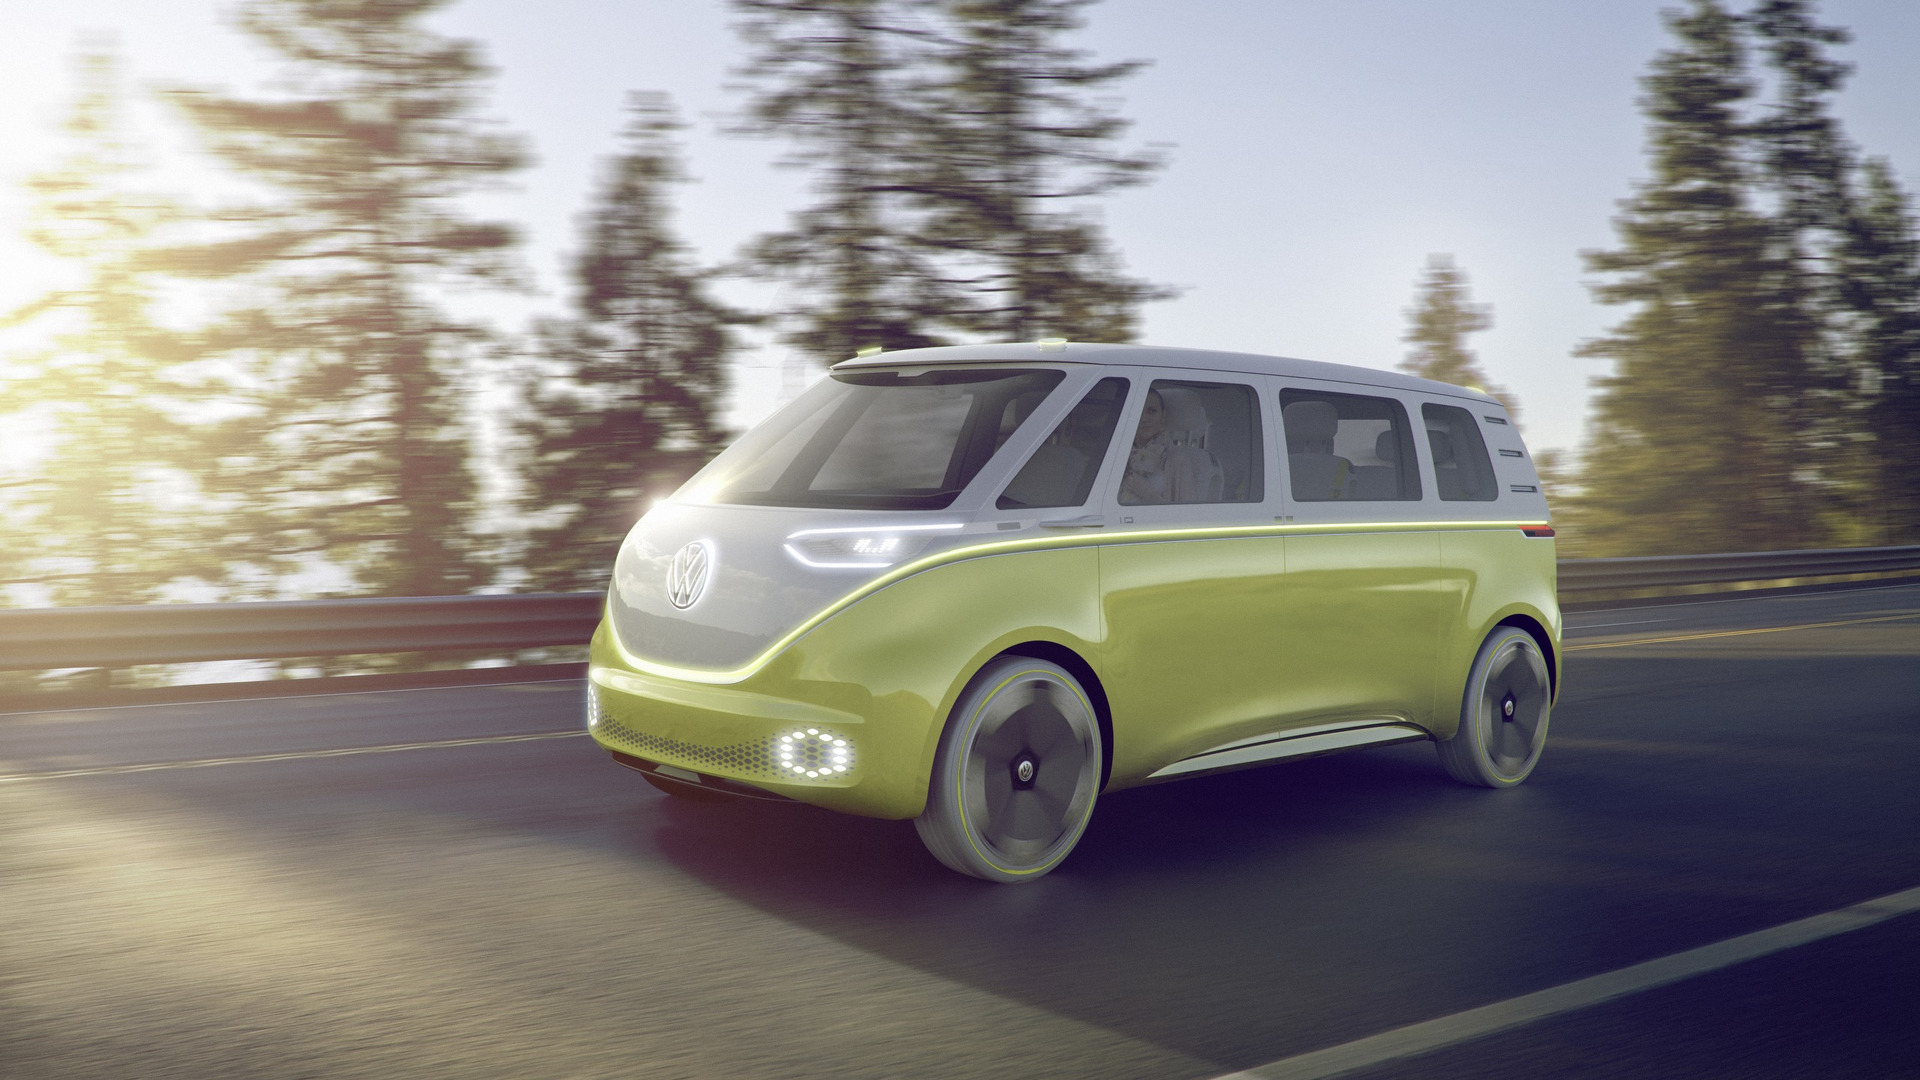 VW I D  Buzz concept foretells an electric, autonomous Microbus